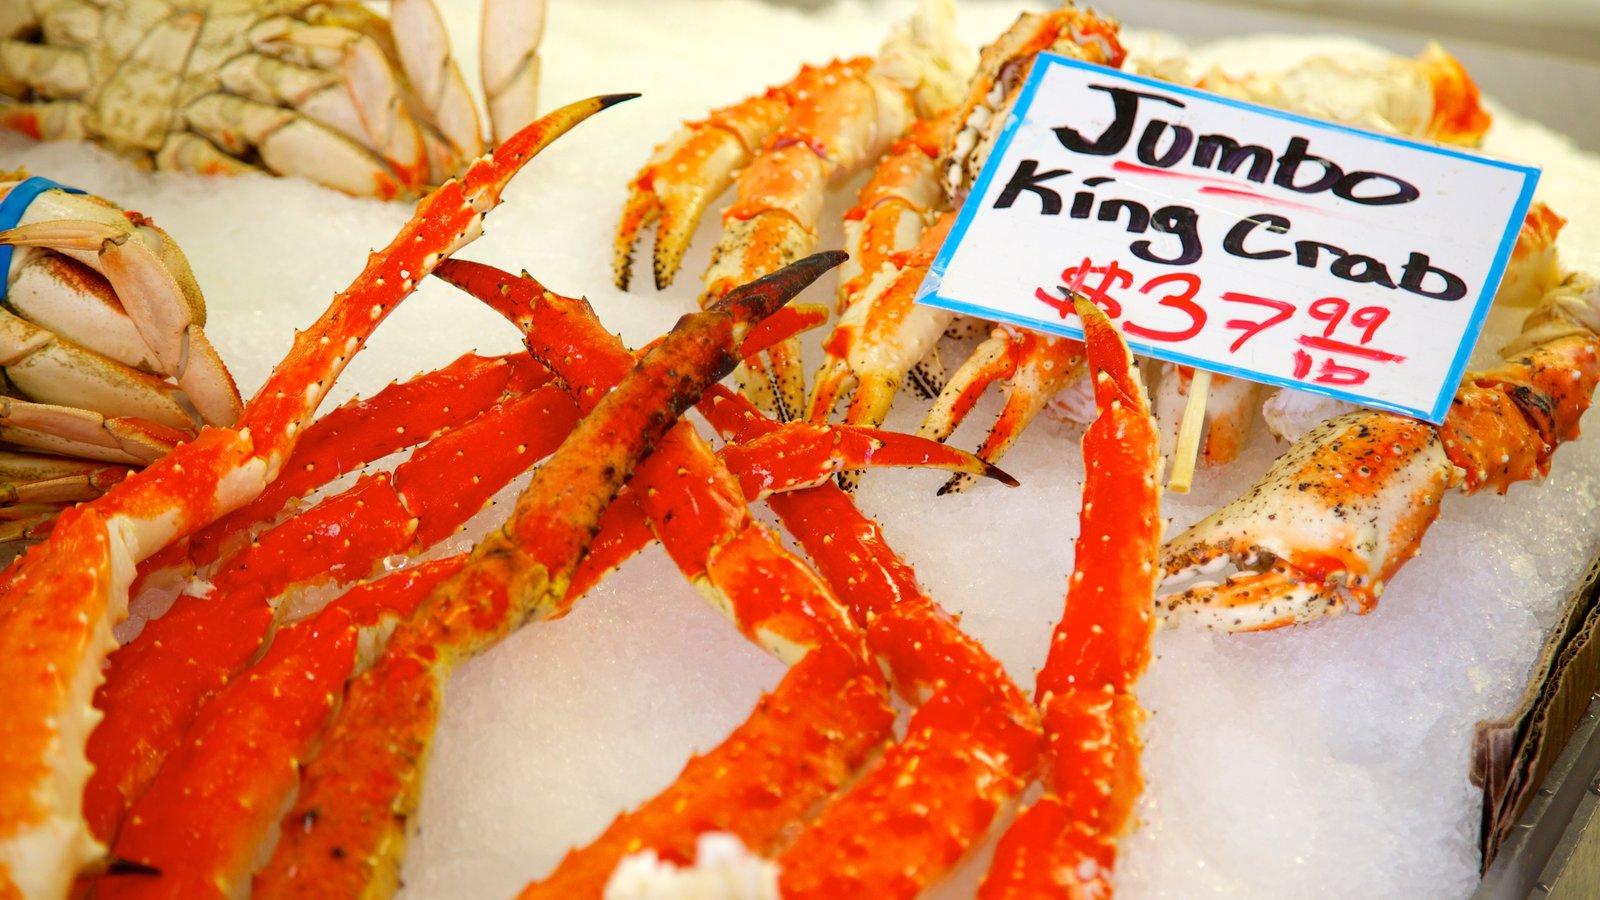 Pike Place Market que incluye comida, señalización y mercados